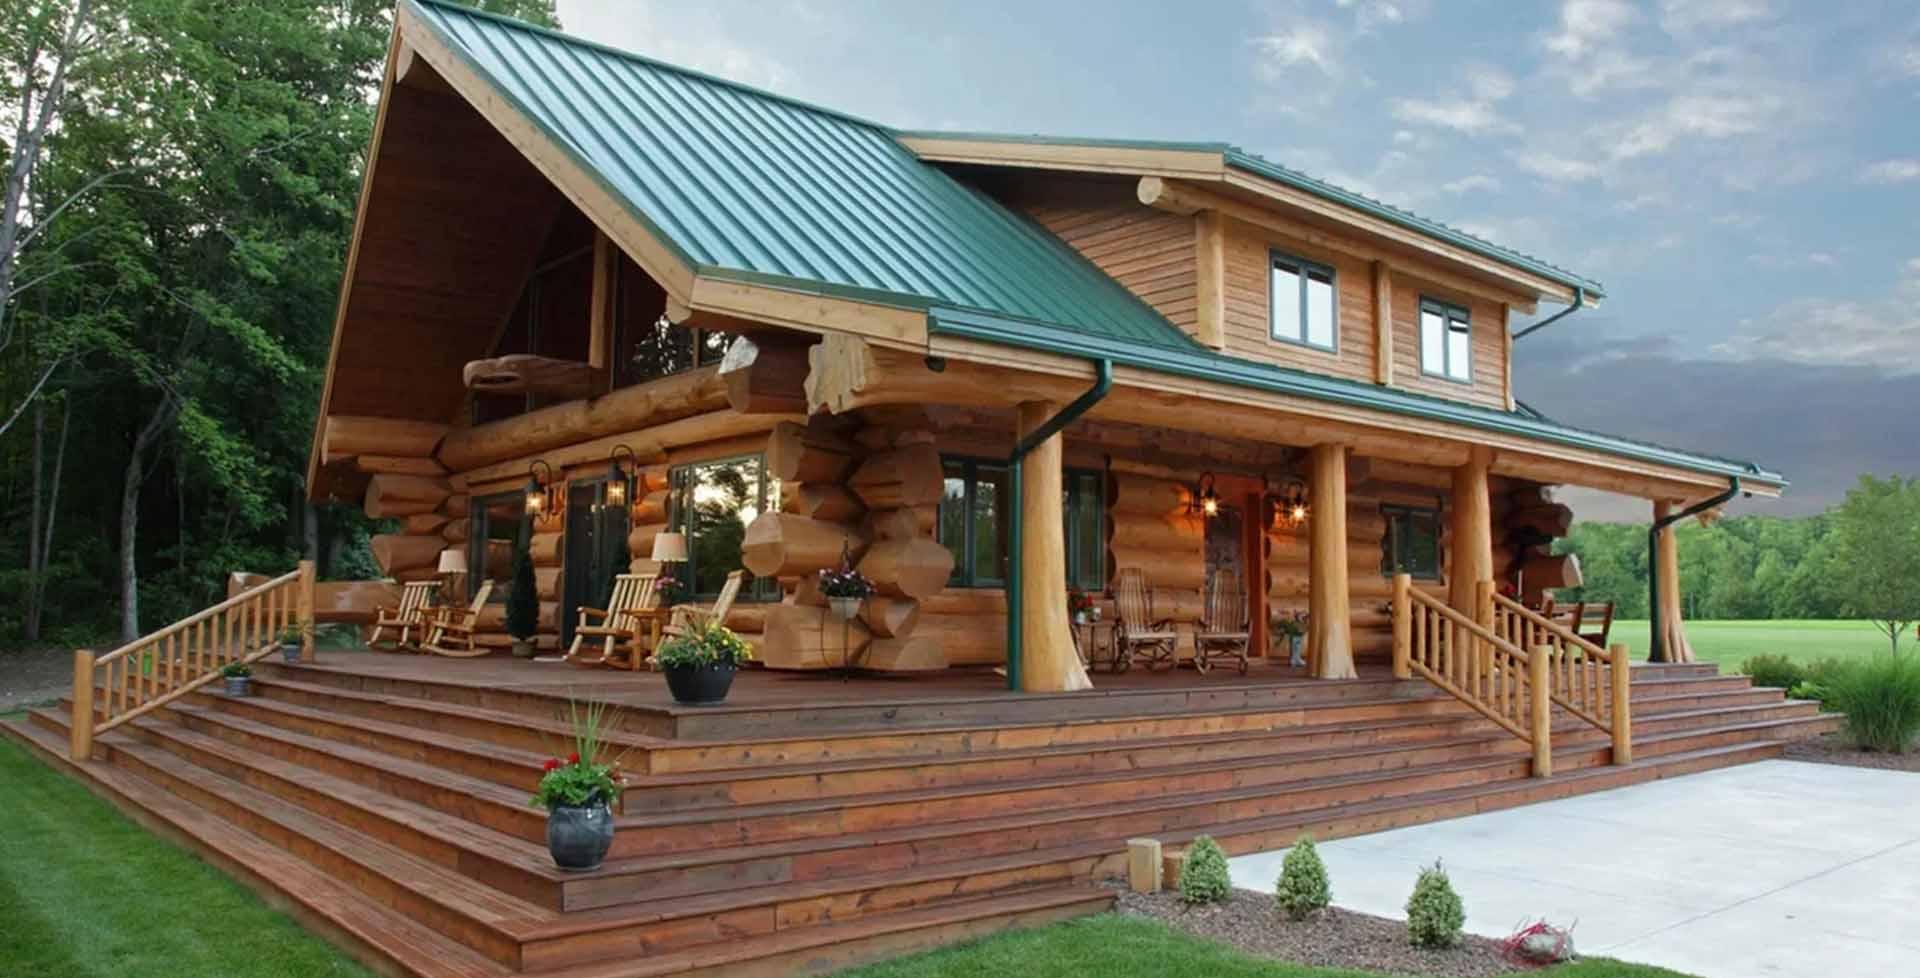 Вуд-Инжиниринг: Строительство деревянных домов [Киевская область]